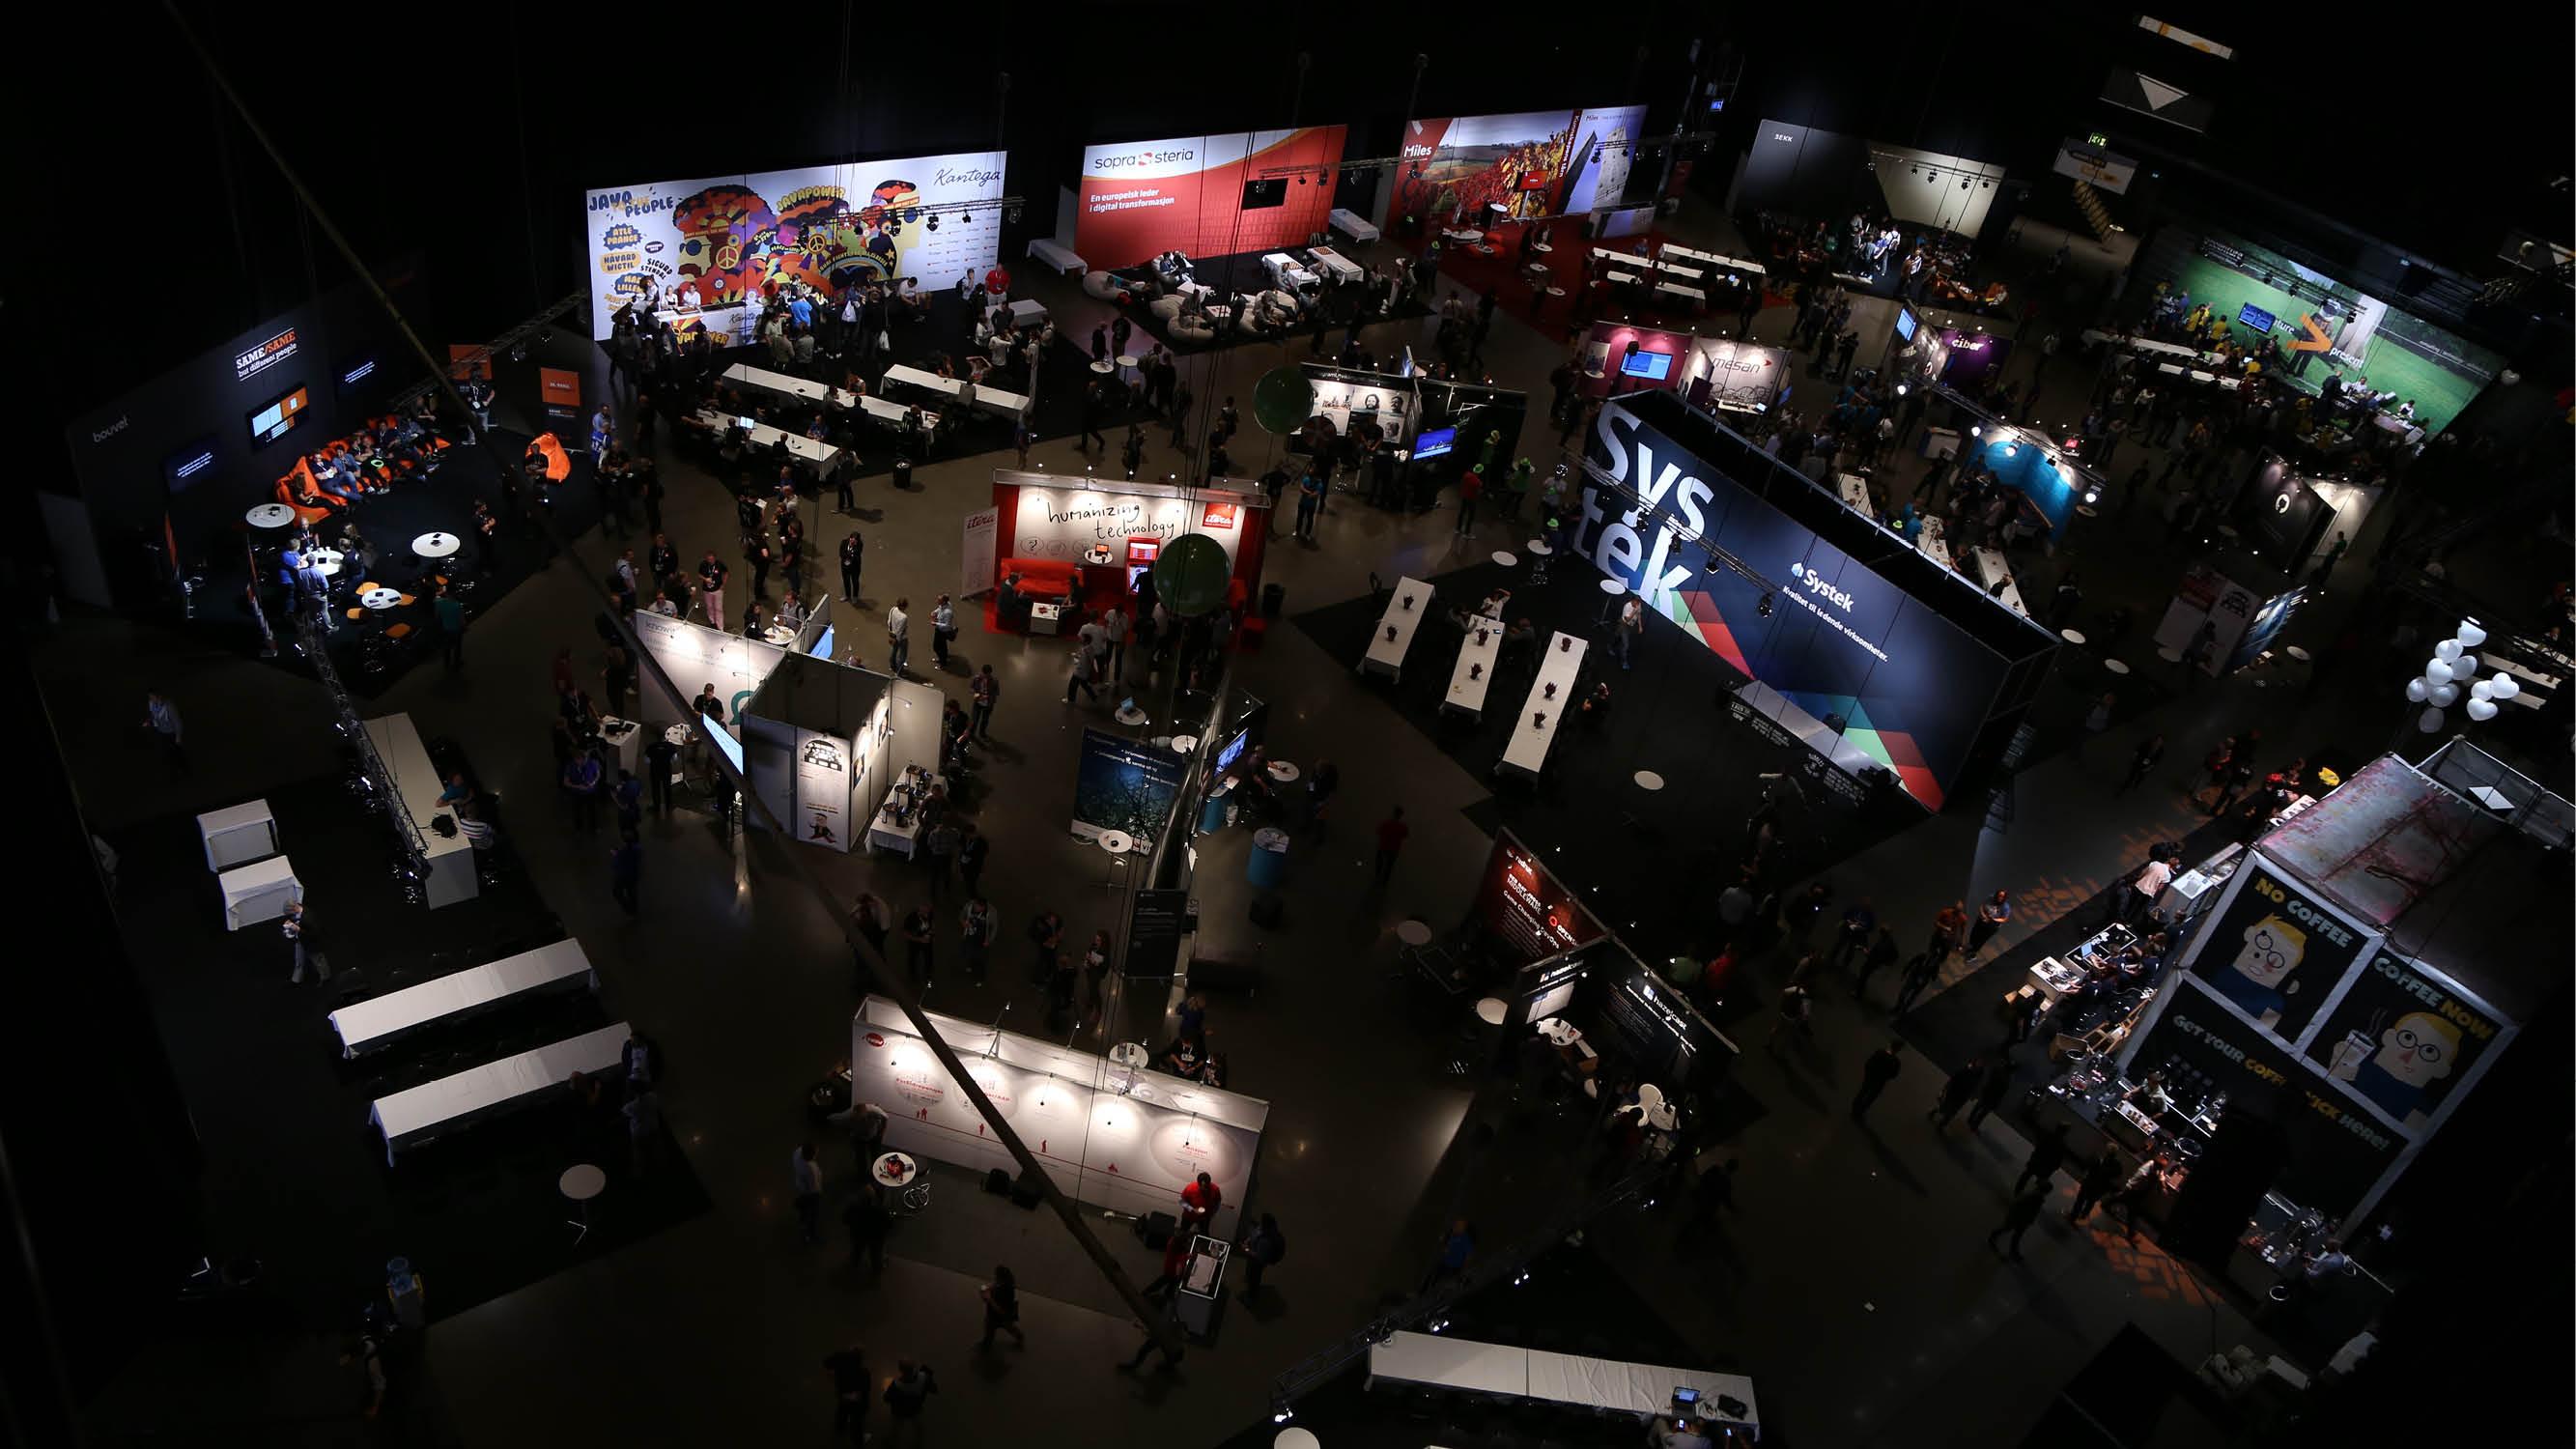 JavaZone expo area